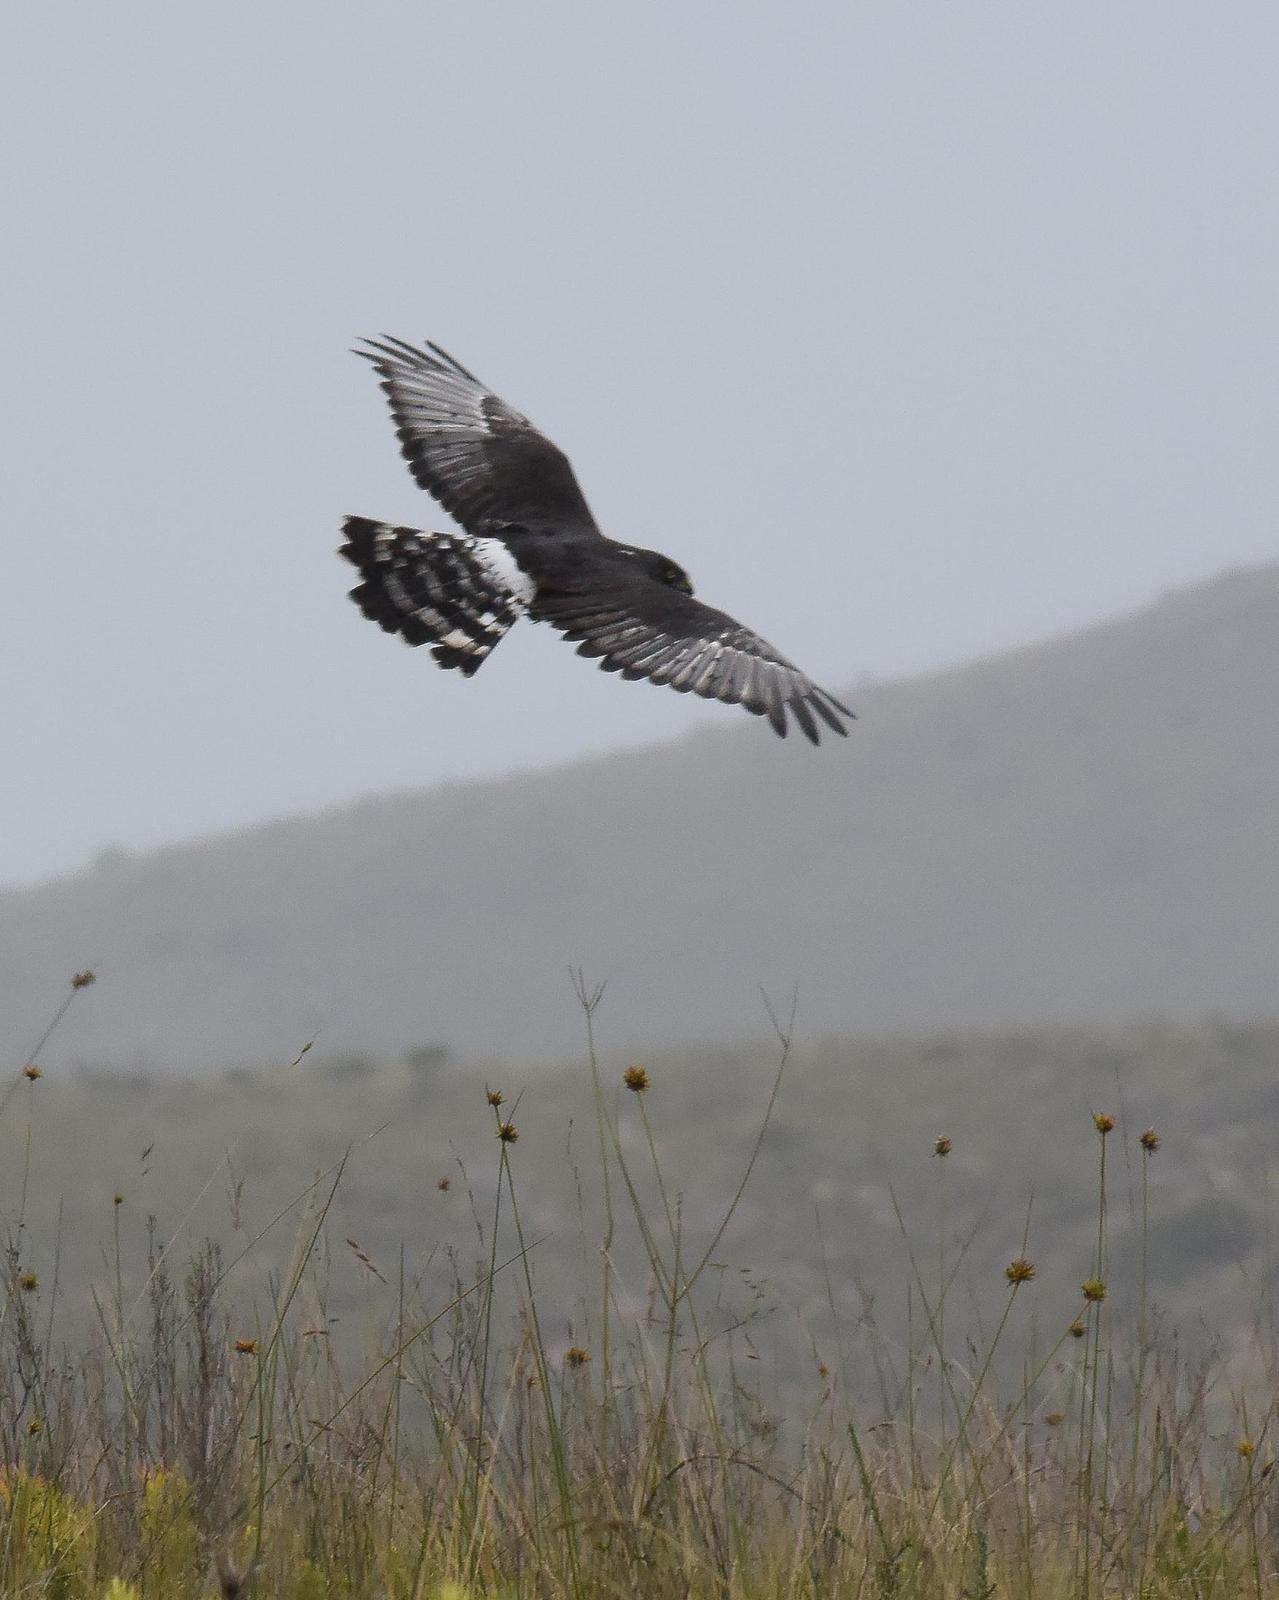 Black Harrier Photo by Steve Percival